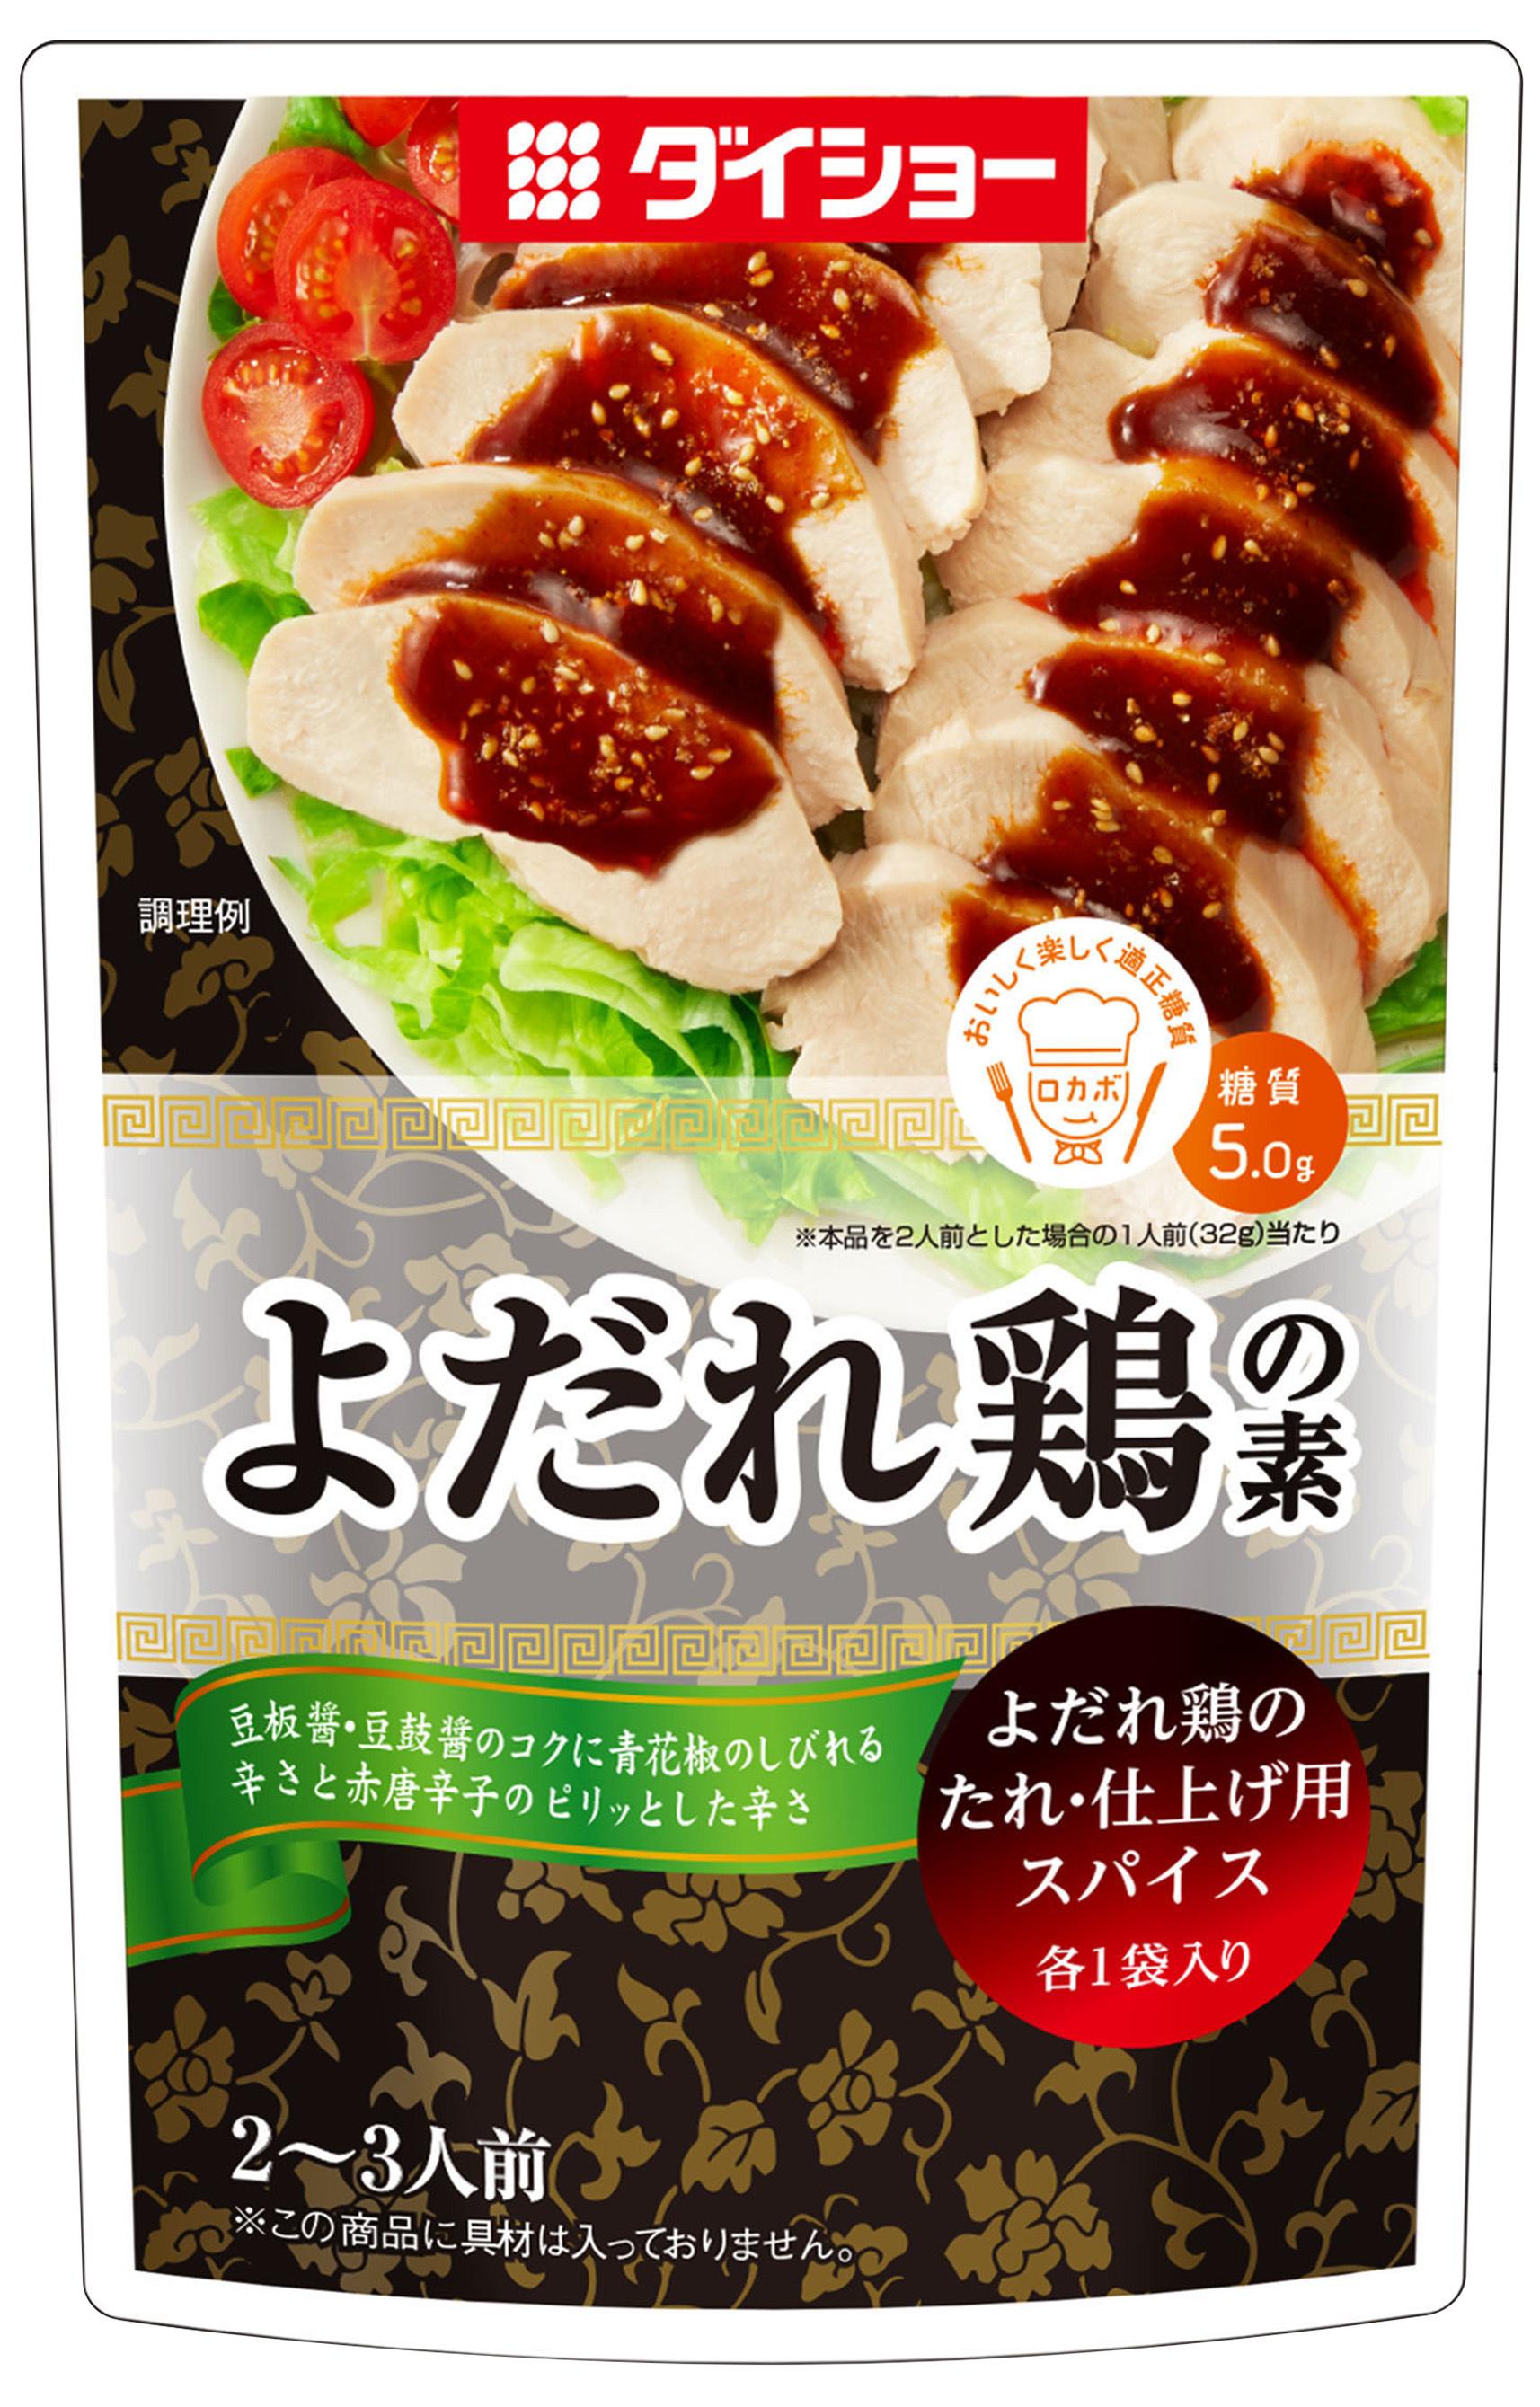 """糖質を意識される方へ『よだれ鶏の素』2/3に新発売「ロカボマーク」認定製品の""""マー活""""中華メニュー 画像"""